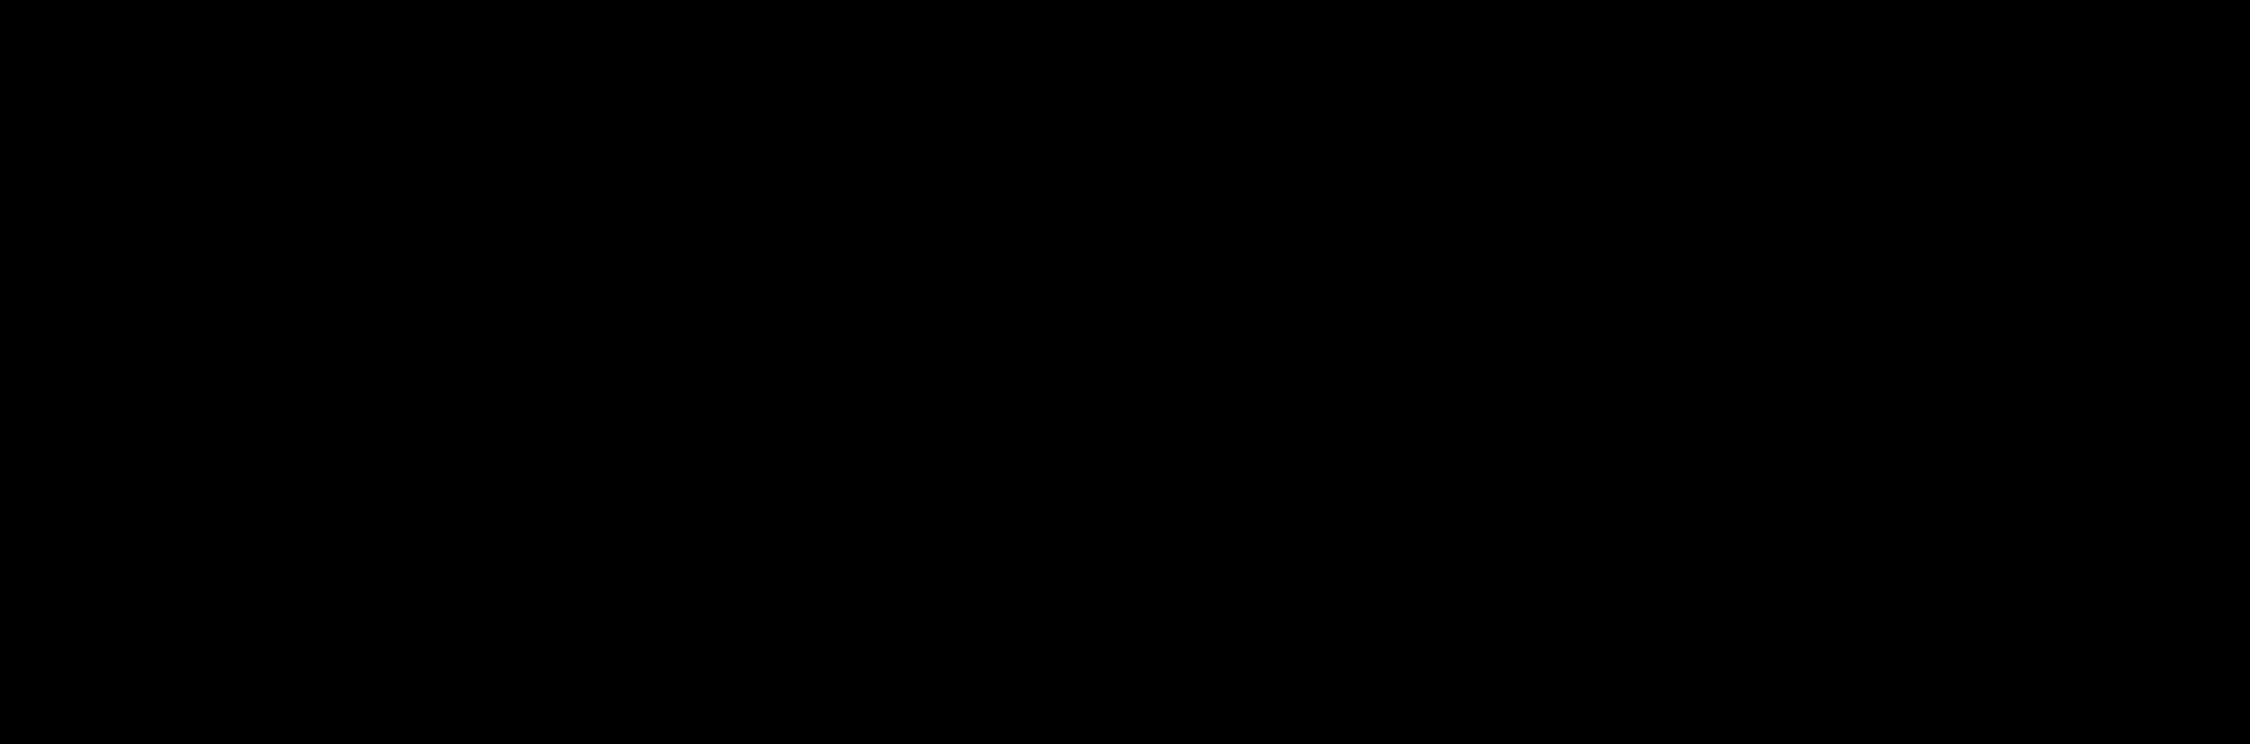 2250x744 Skeleton Key Clipart Outline